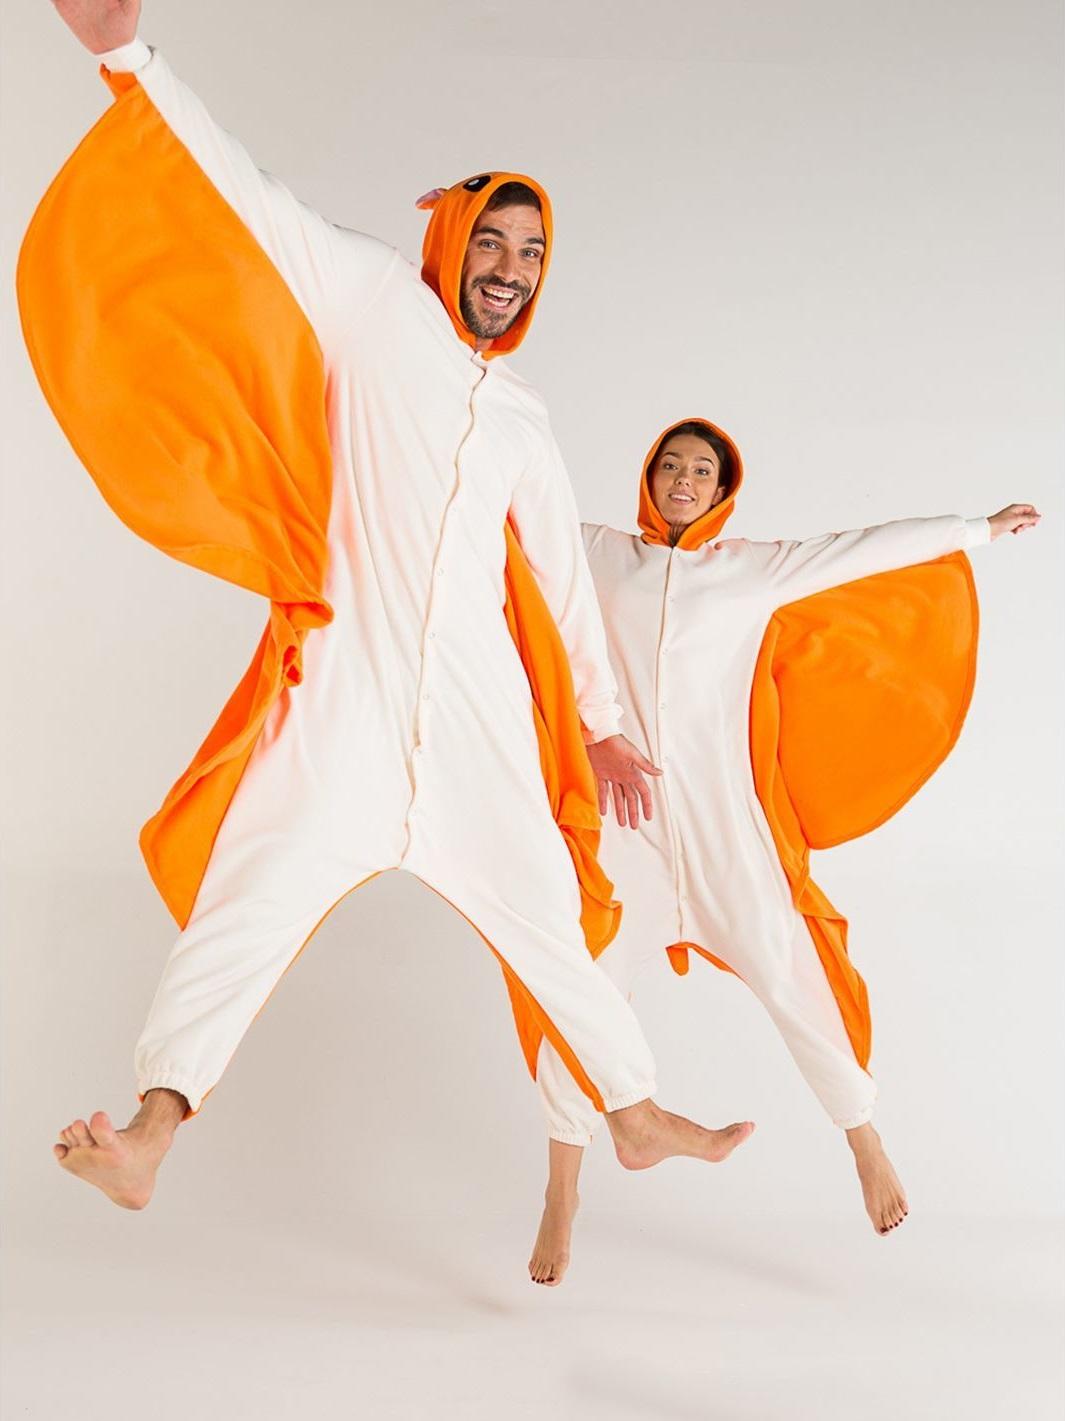 Пижамы Футужама Пижама-кигуруми Белка-Летяга (xL) пижамы la pastel пижама кофта с запахом длинный рукав штаны длинные белый голубой размер xl